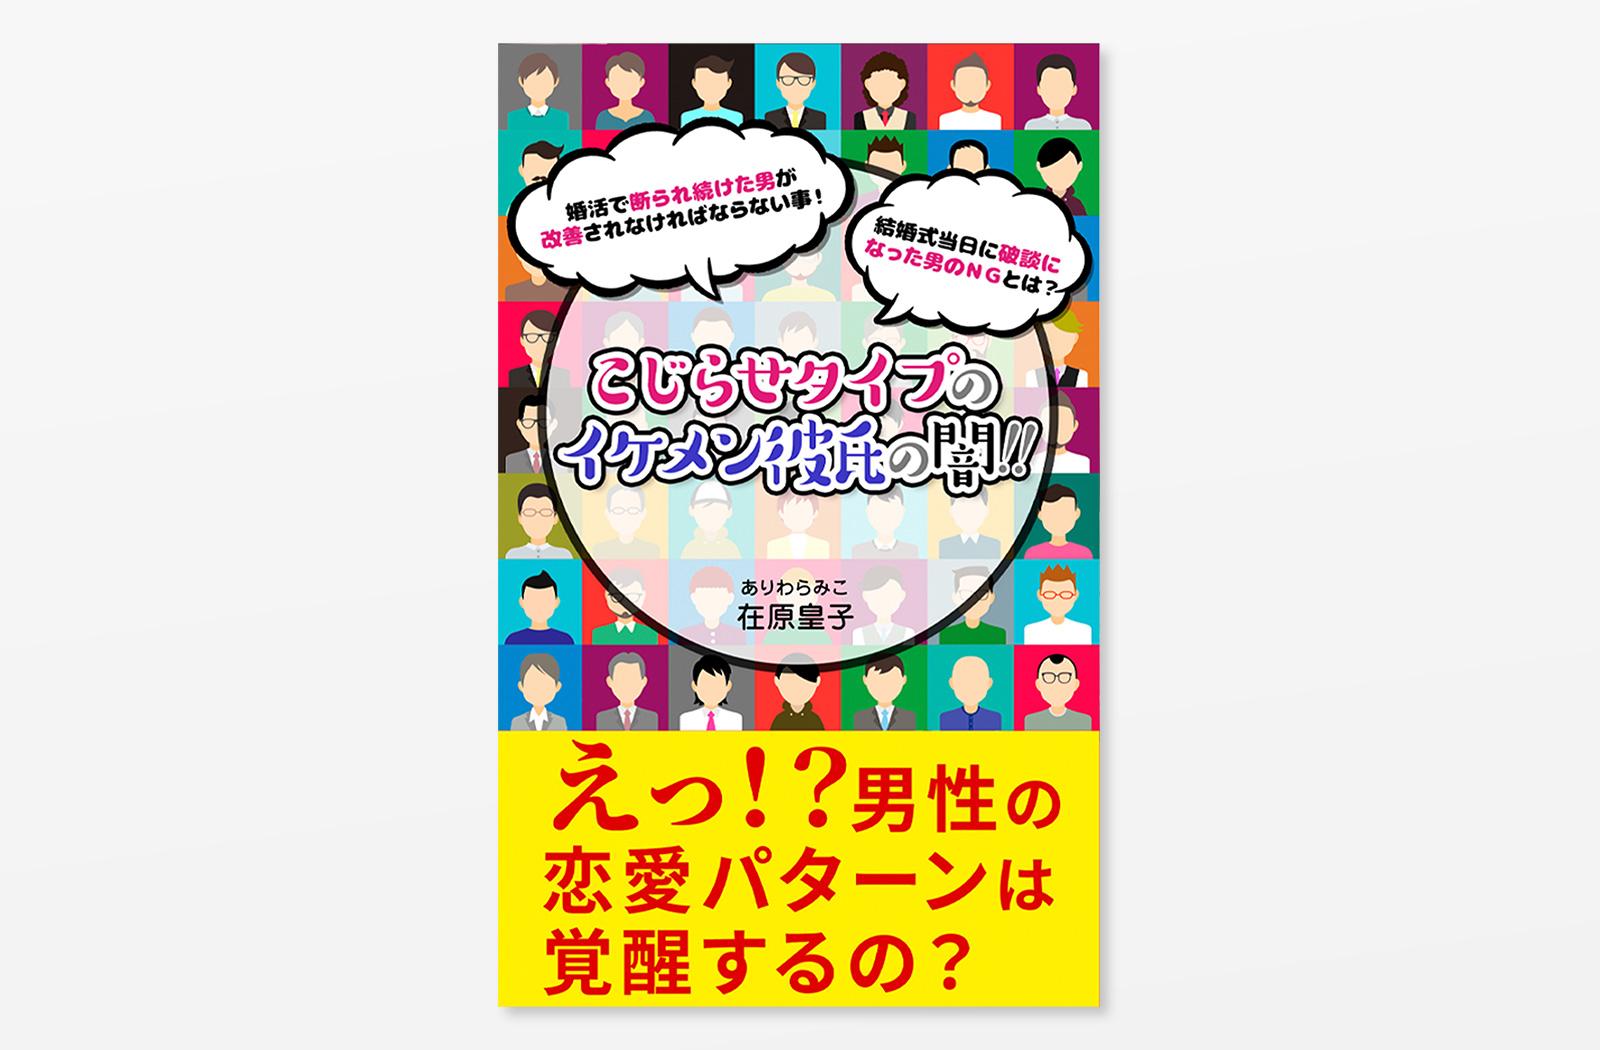 こじらせタイプのイケメン彼氏の闇!!